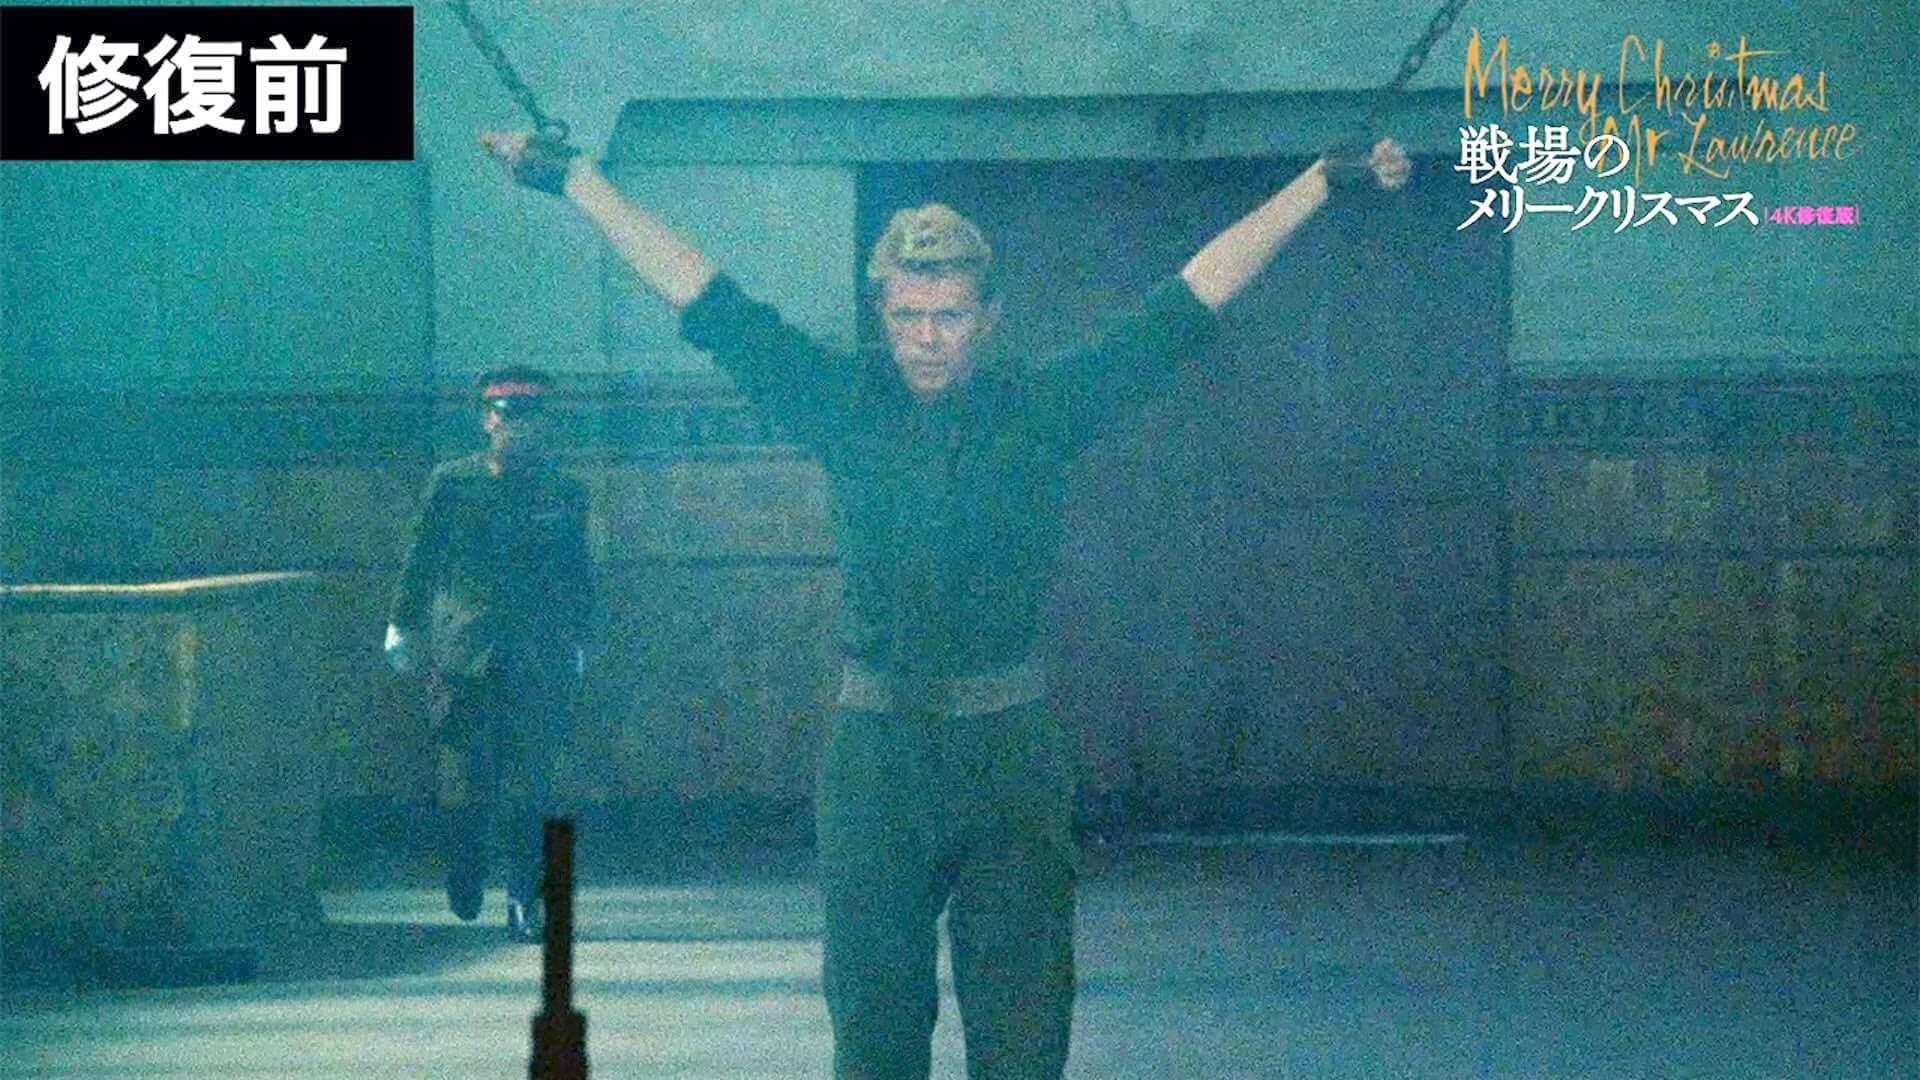 大島渚監督作『戦場のメリークリスマス』と『愛のコリーダ』の名シーンが艶やかに蘇る!デジタル修復版の比較映像が解禁 film210326_oshima-nagisa_1-1920x1080